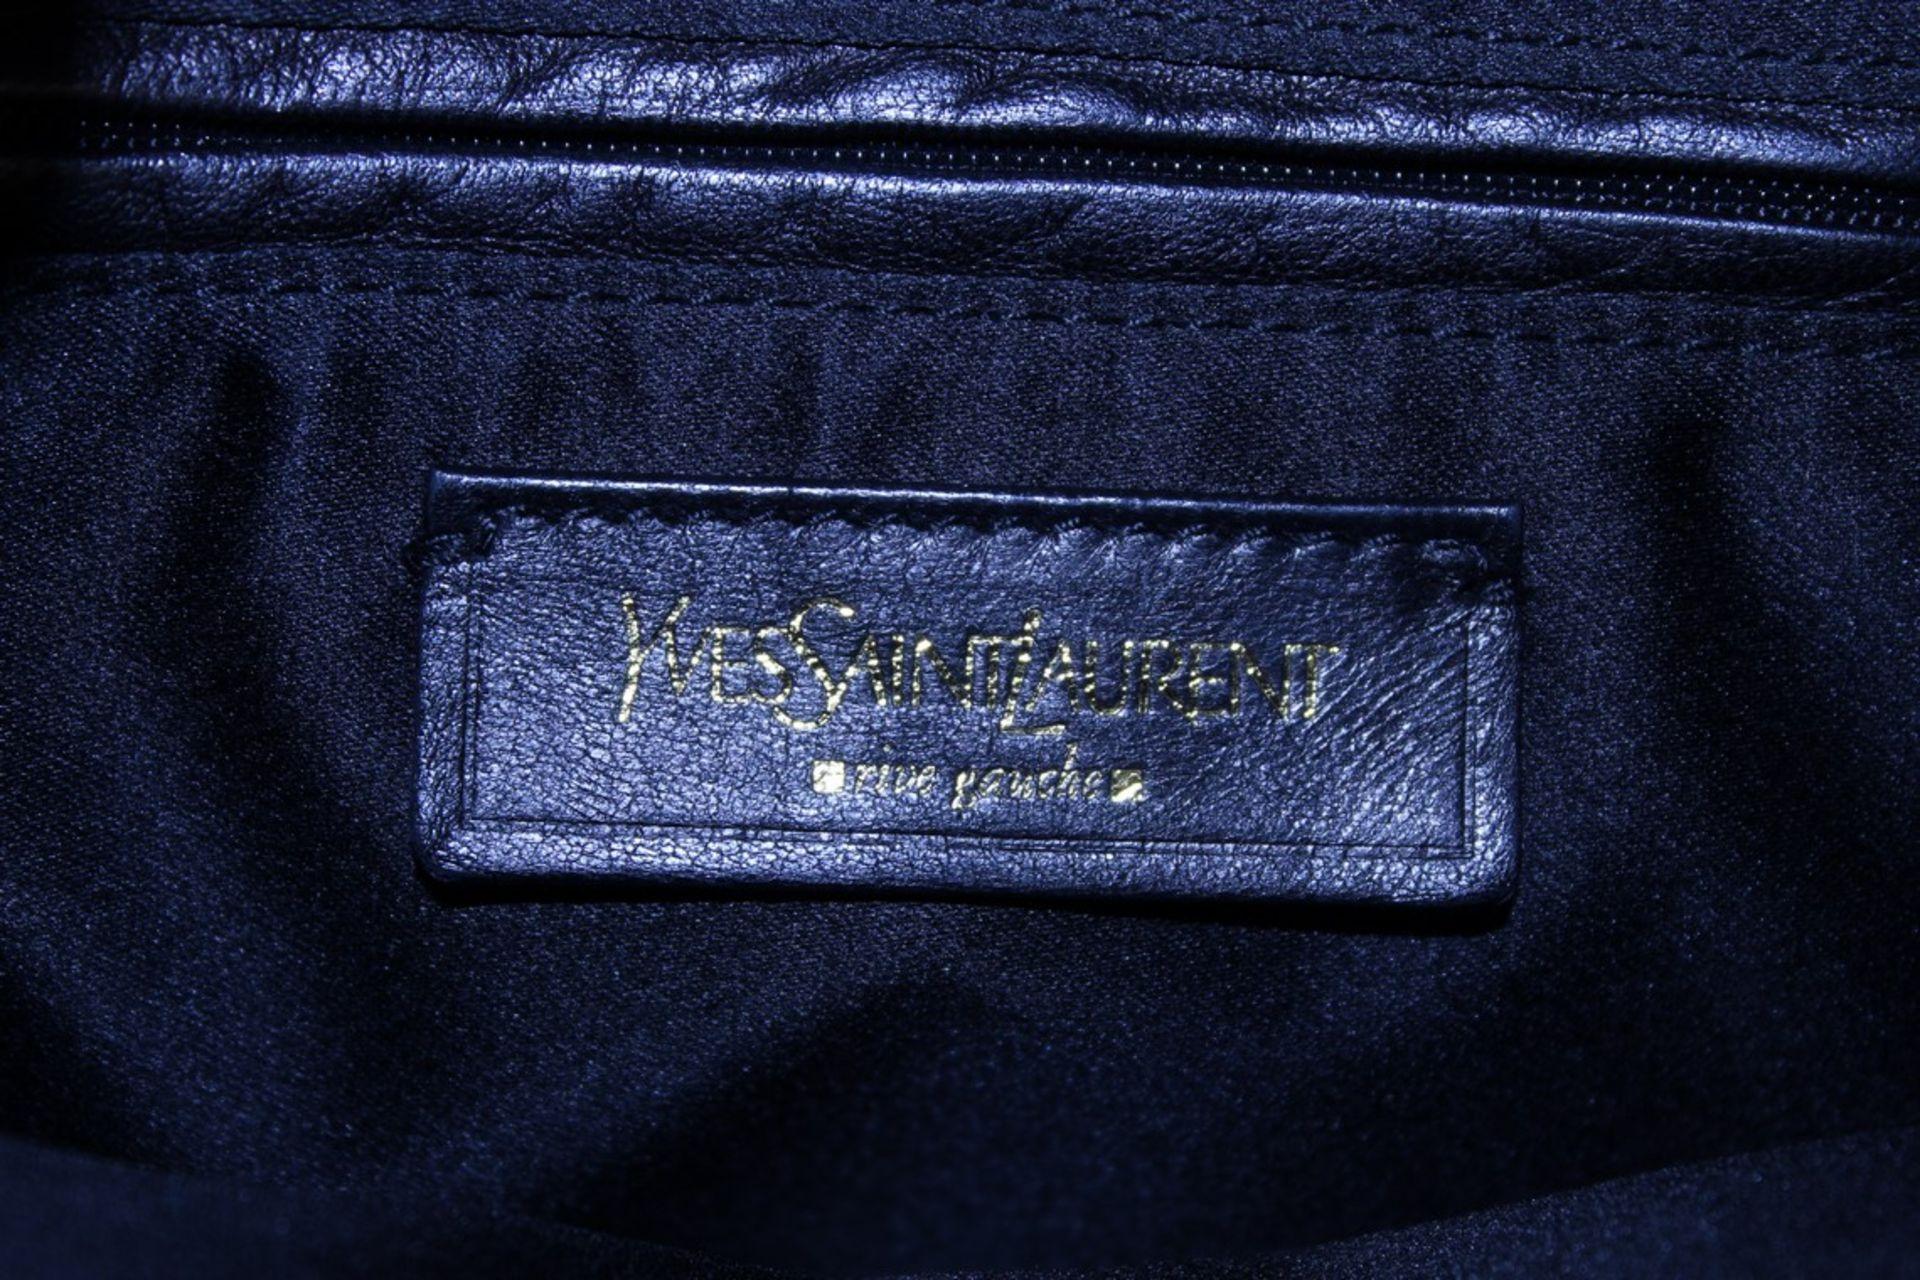 RRP £1,000 Yves St-Lauren Muse 1 Shoulder Bag, Indigo Small Grained Calf Leather Shoulder Bag, ( - Image 4 of 5